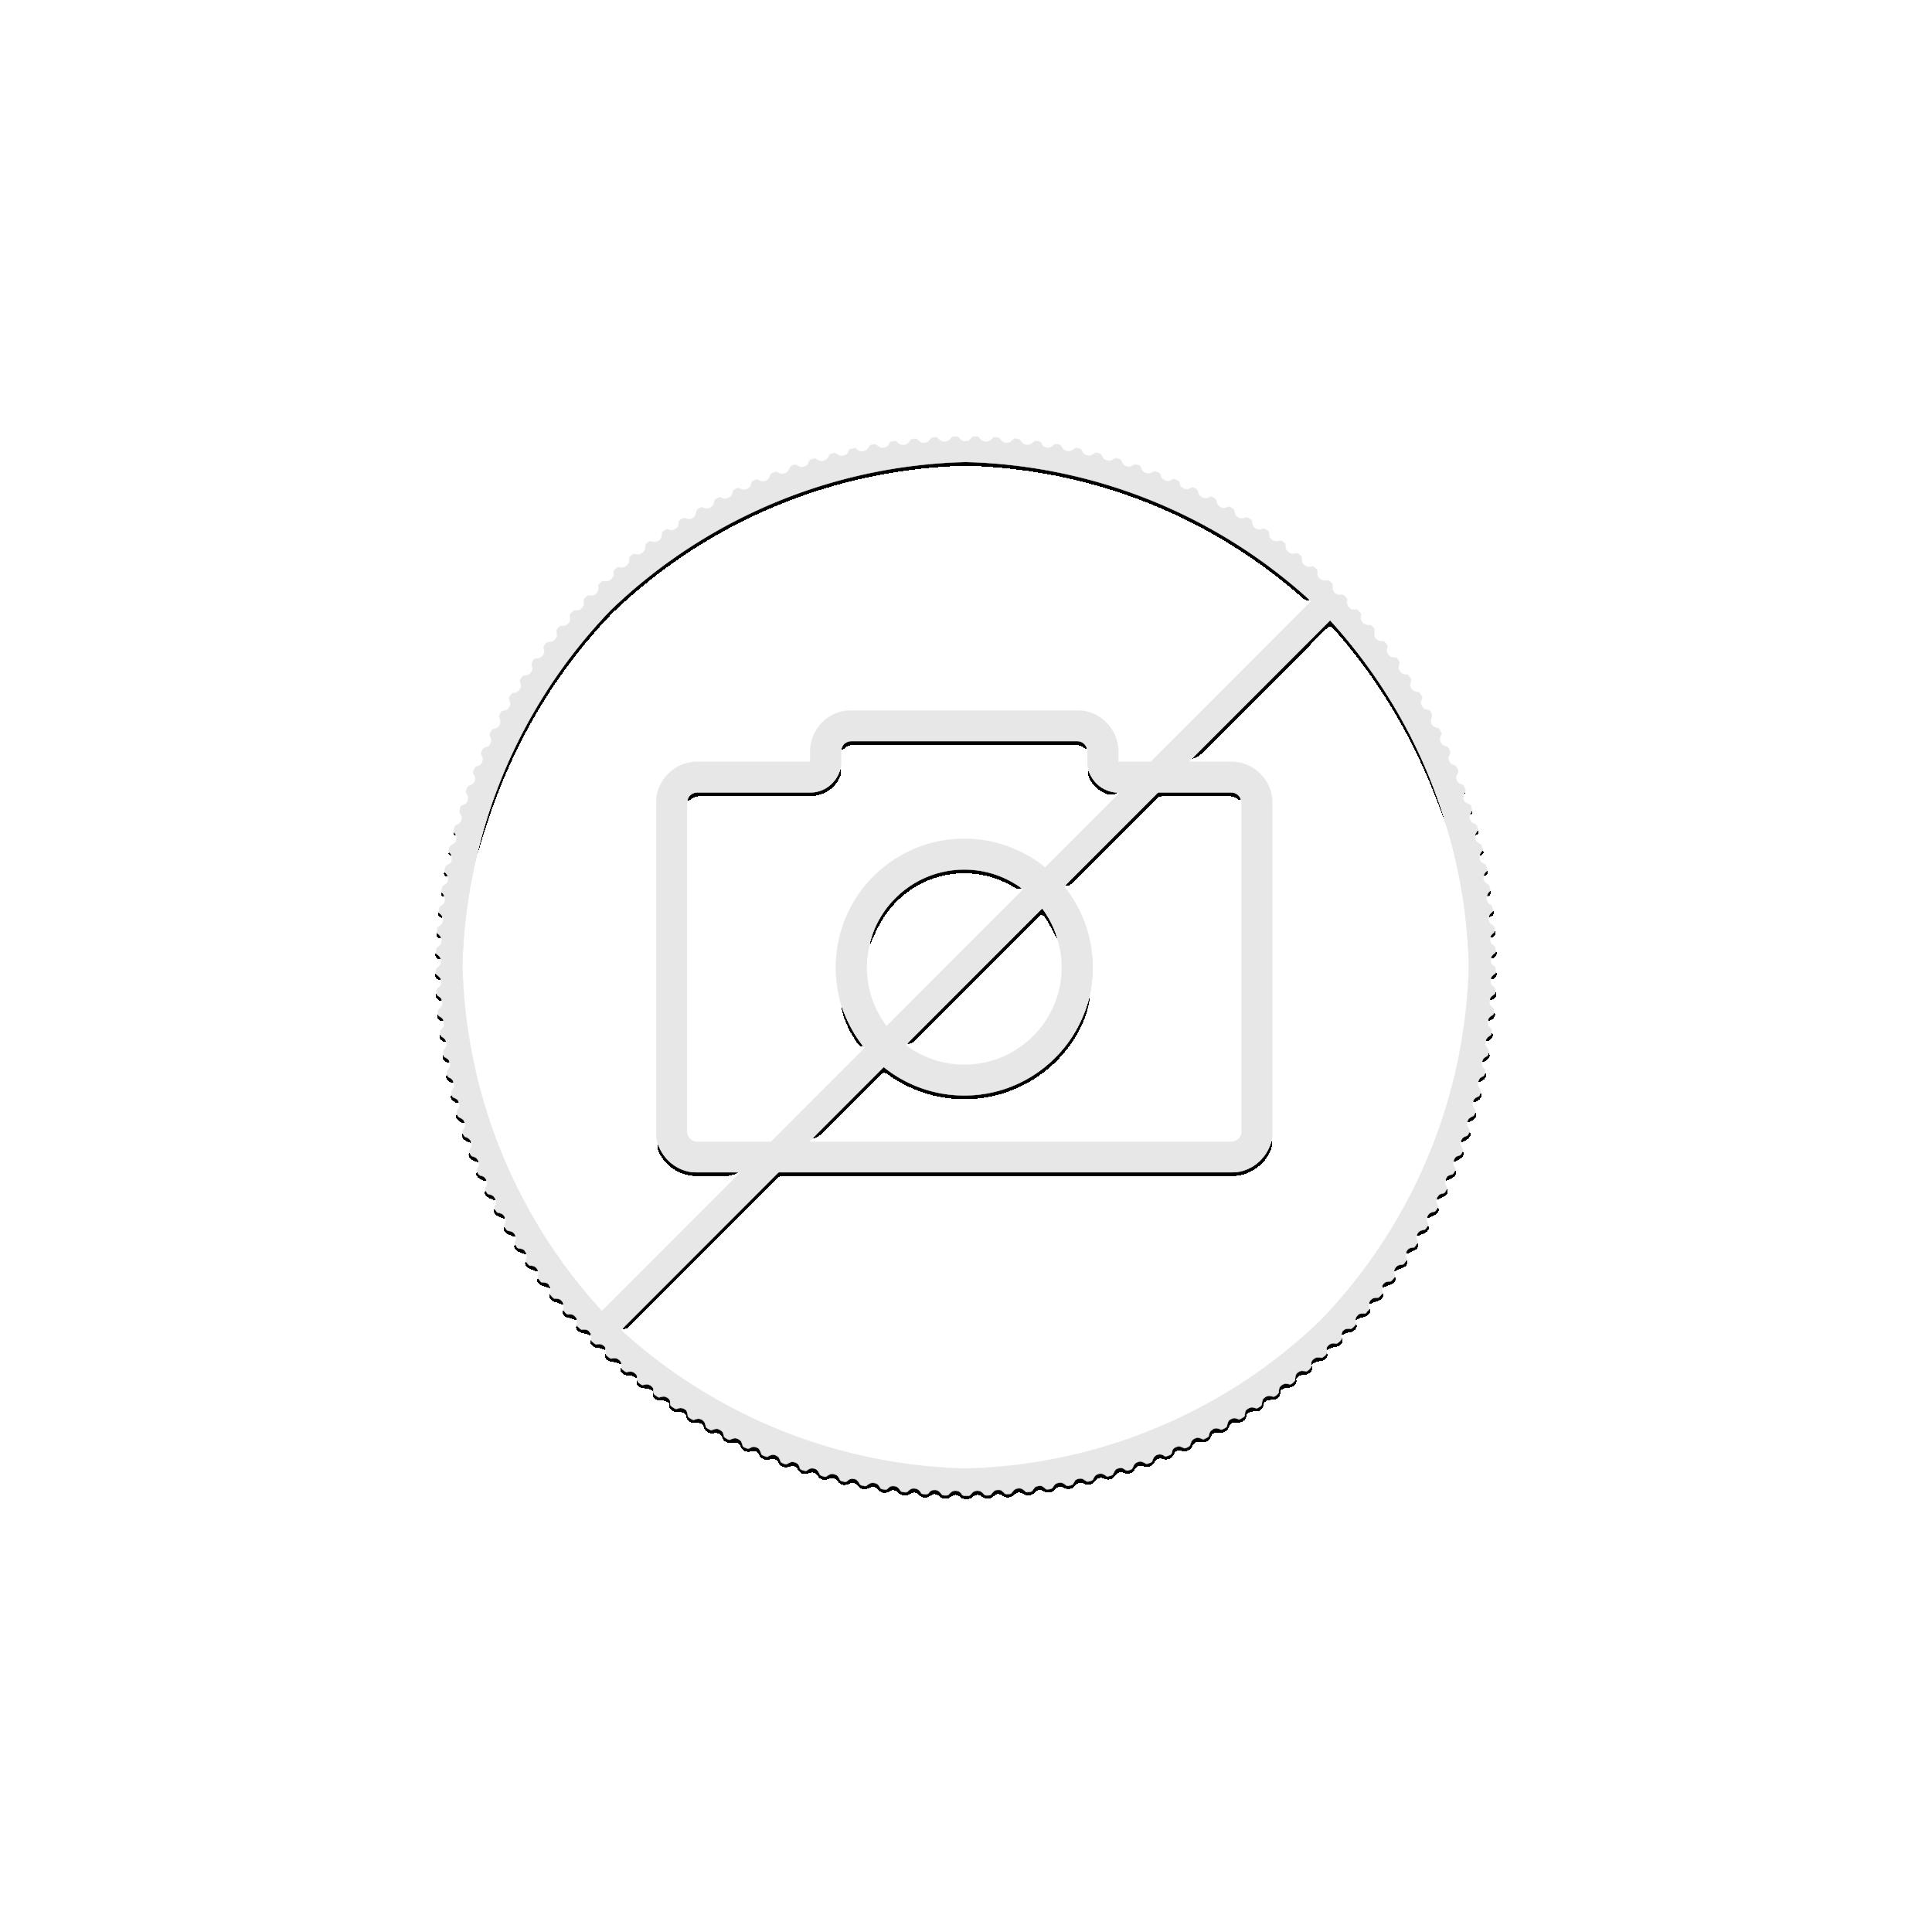 Gold 1/2 Sovereign coin